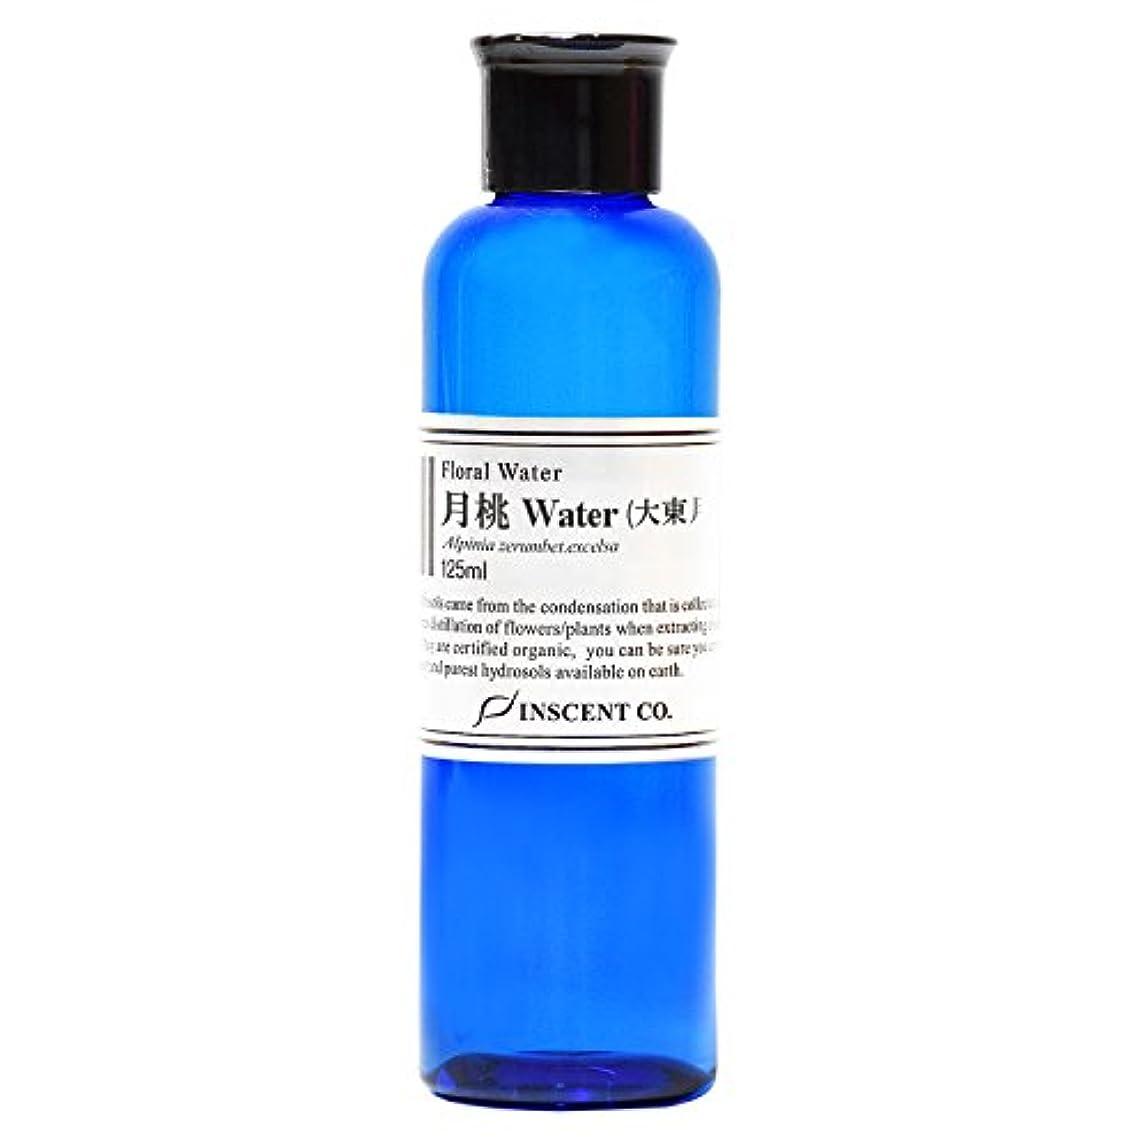 うぬぼれたうま想像力豊かなフローラルウォーター 月桃 (げっとう) ウォーター (月桃水) 125ml (ハイドロゾル/芳香蒸留水) ※月桃独特の薬草が焦げたような香りがあります。